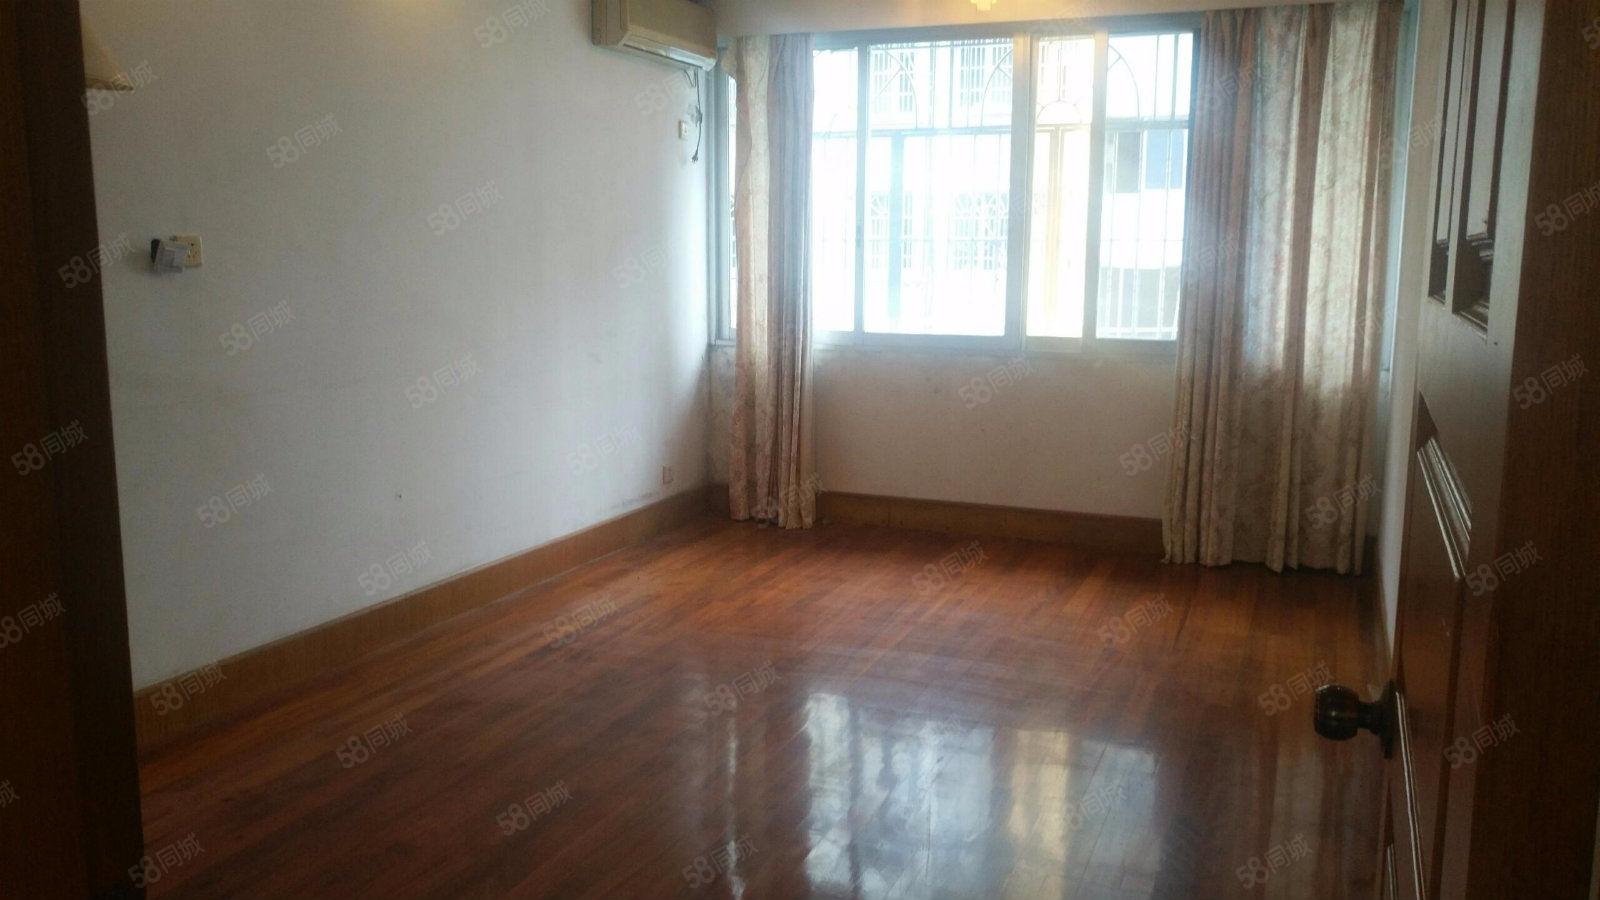 明珠新村好房出售,全天采光,周边设施齐全,房东诚意出售